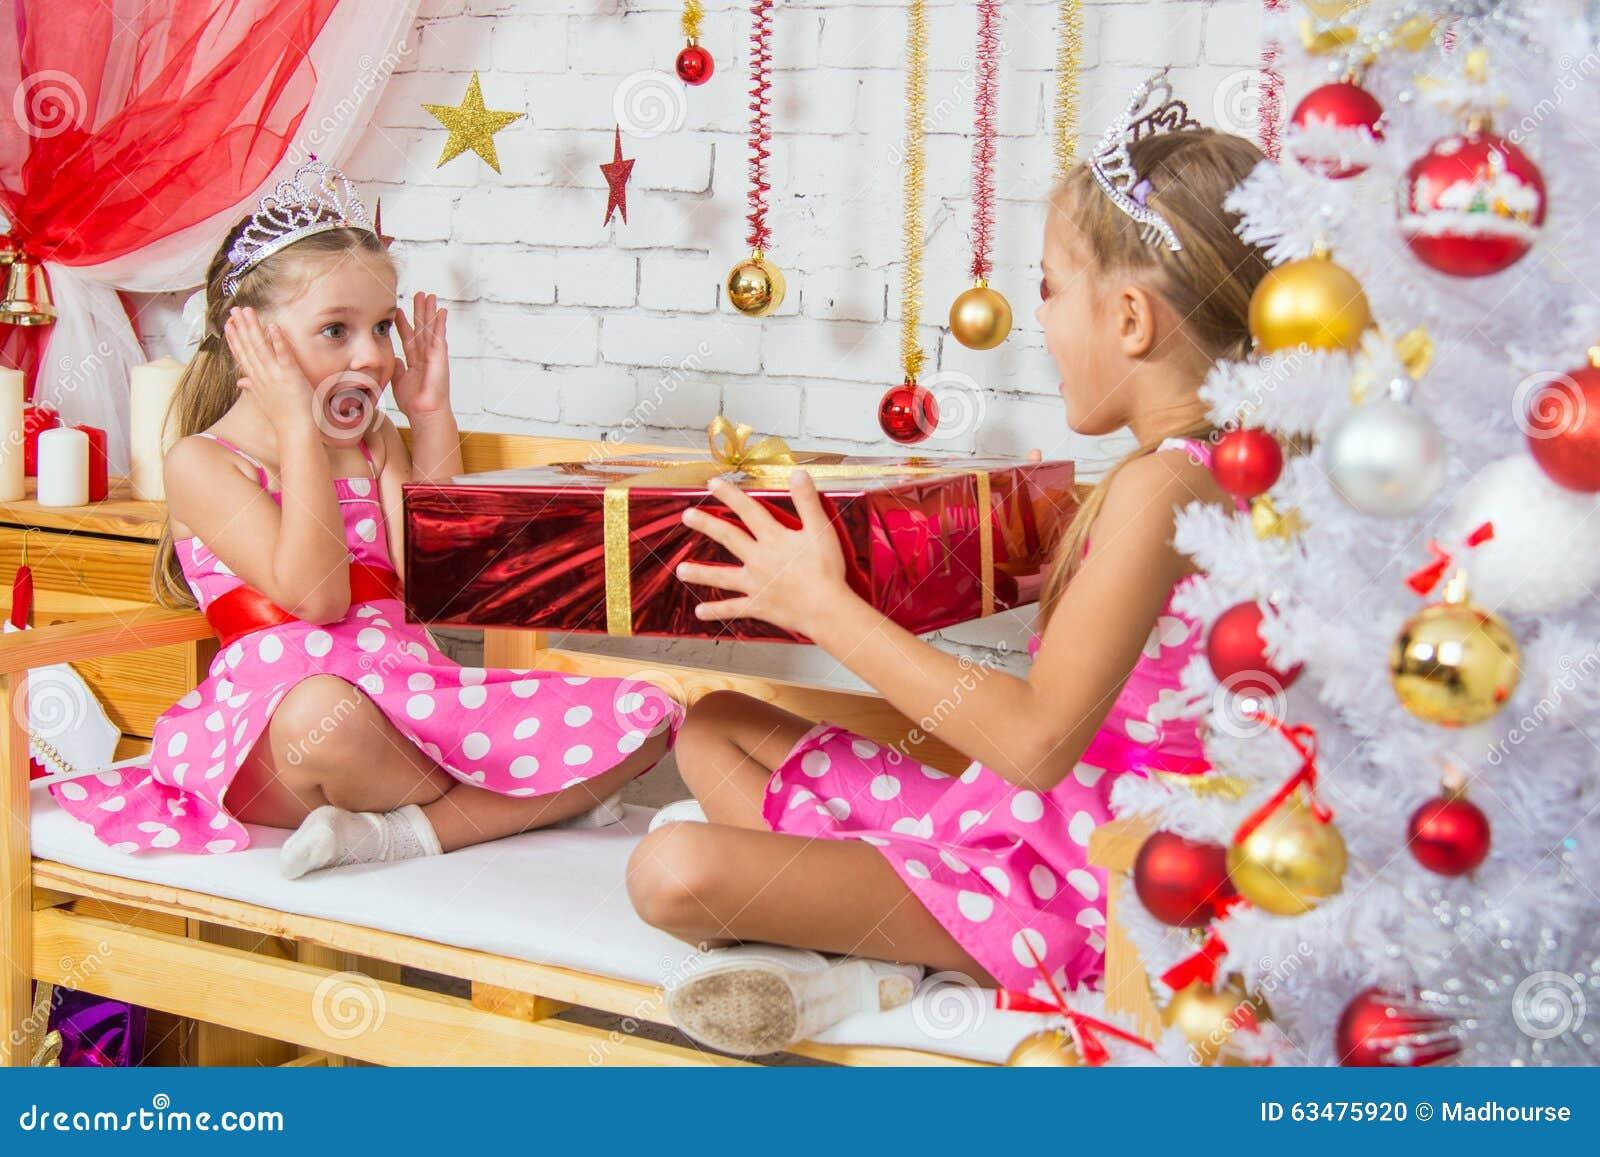 Mädchen überraschte Große Rote Weihnachtsgeschenke Stockfoto - Bild ...